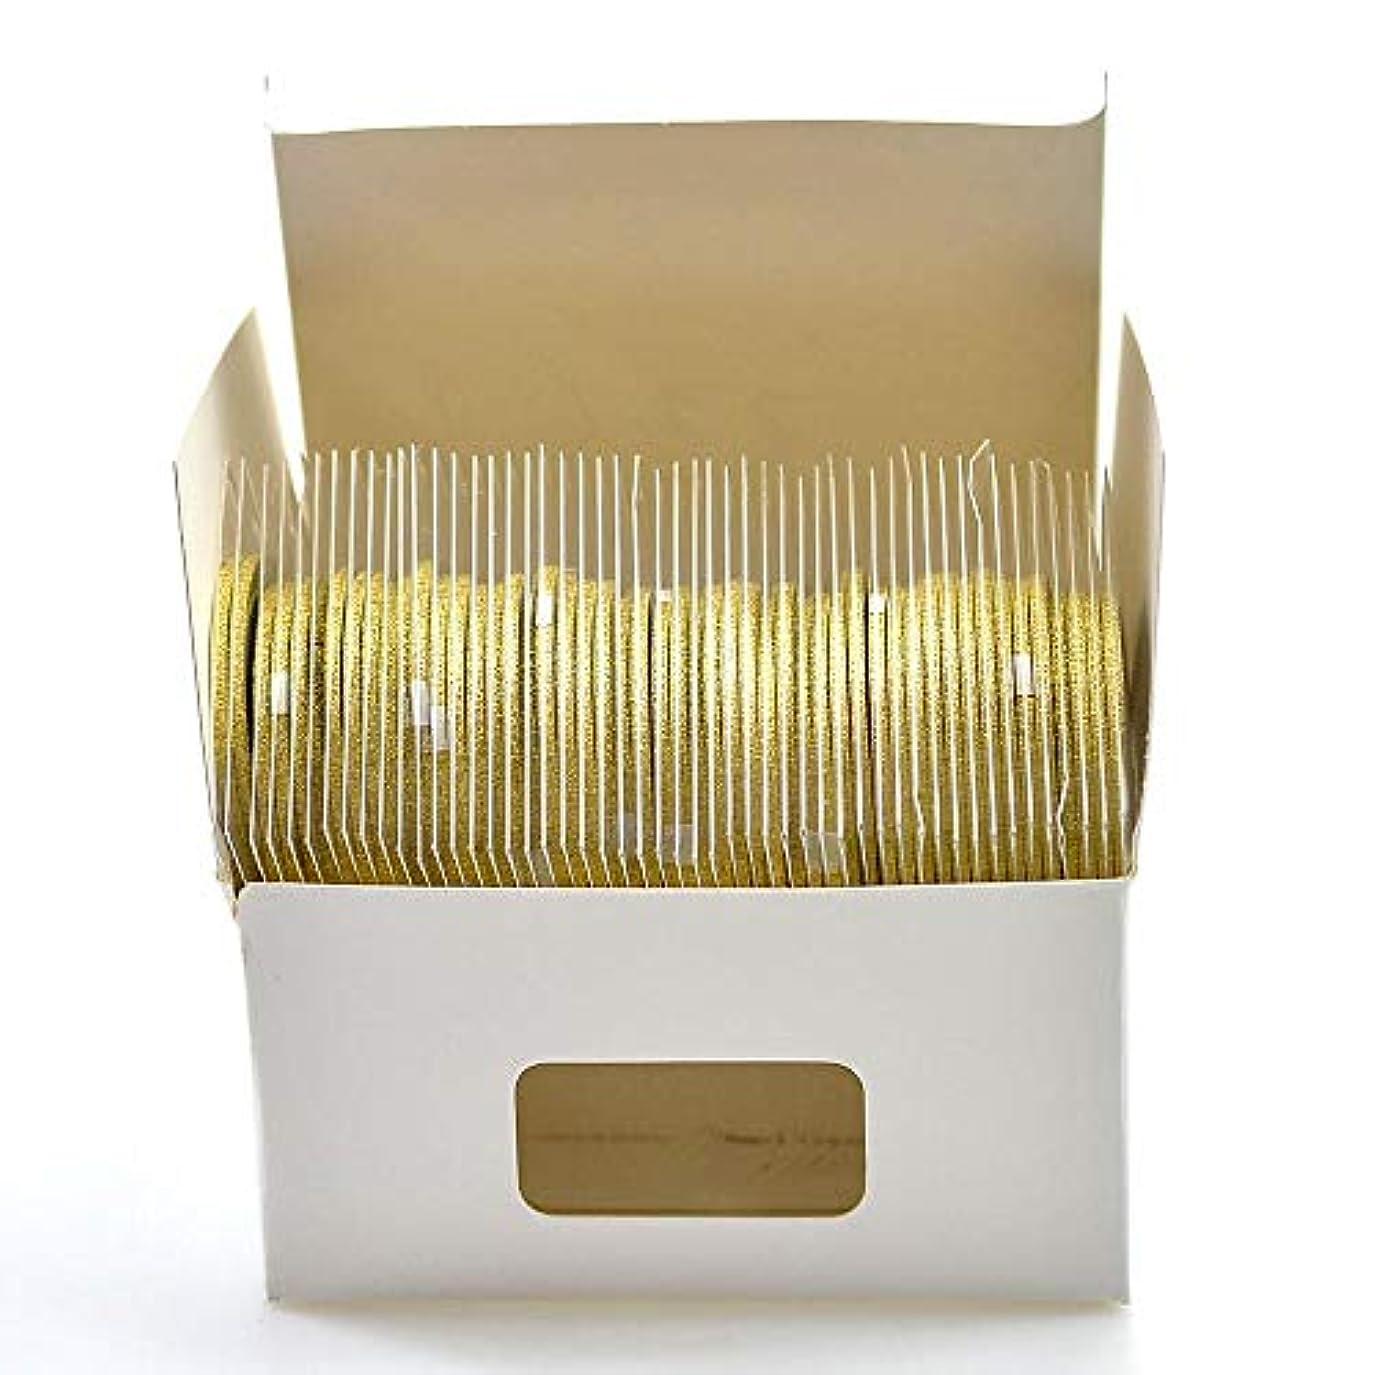 木材差別アマゾンジャングルSUKTI&XIAO ネイルステッカー 2Mm 50ロールネイルテープ輝くストライプラインアート装飾マニキュアストライプゴールドシルバーキラキラ、ゴールド